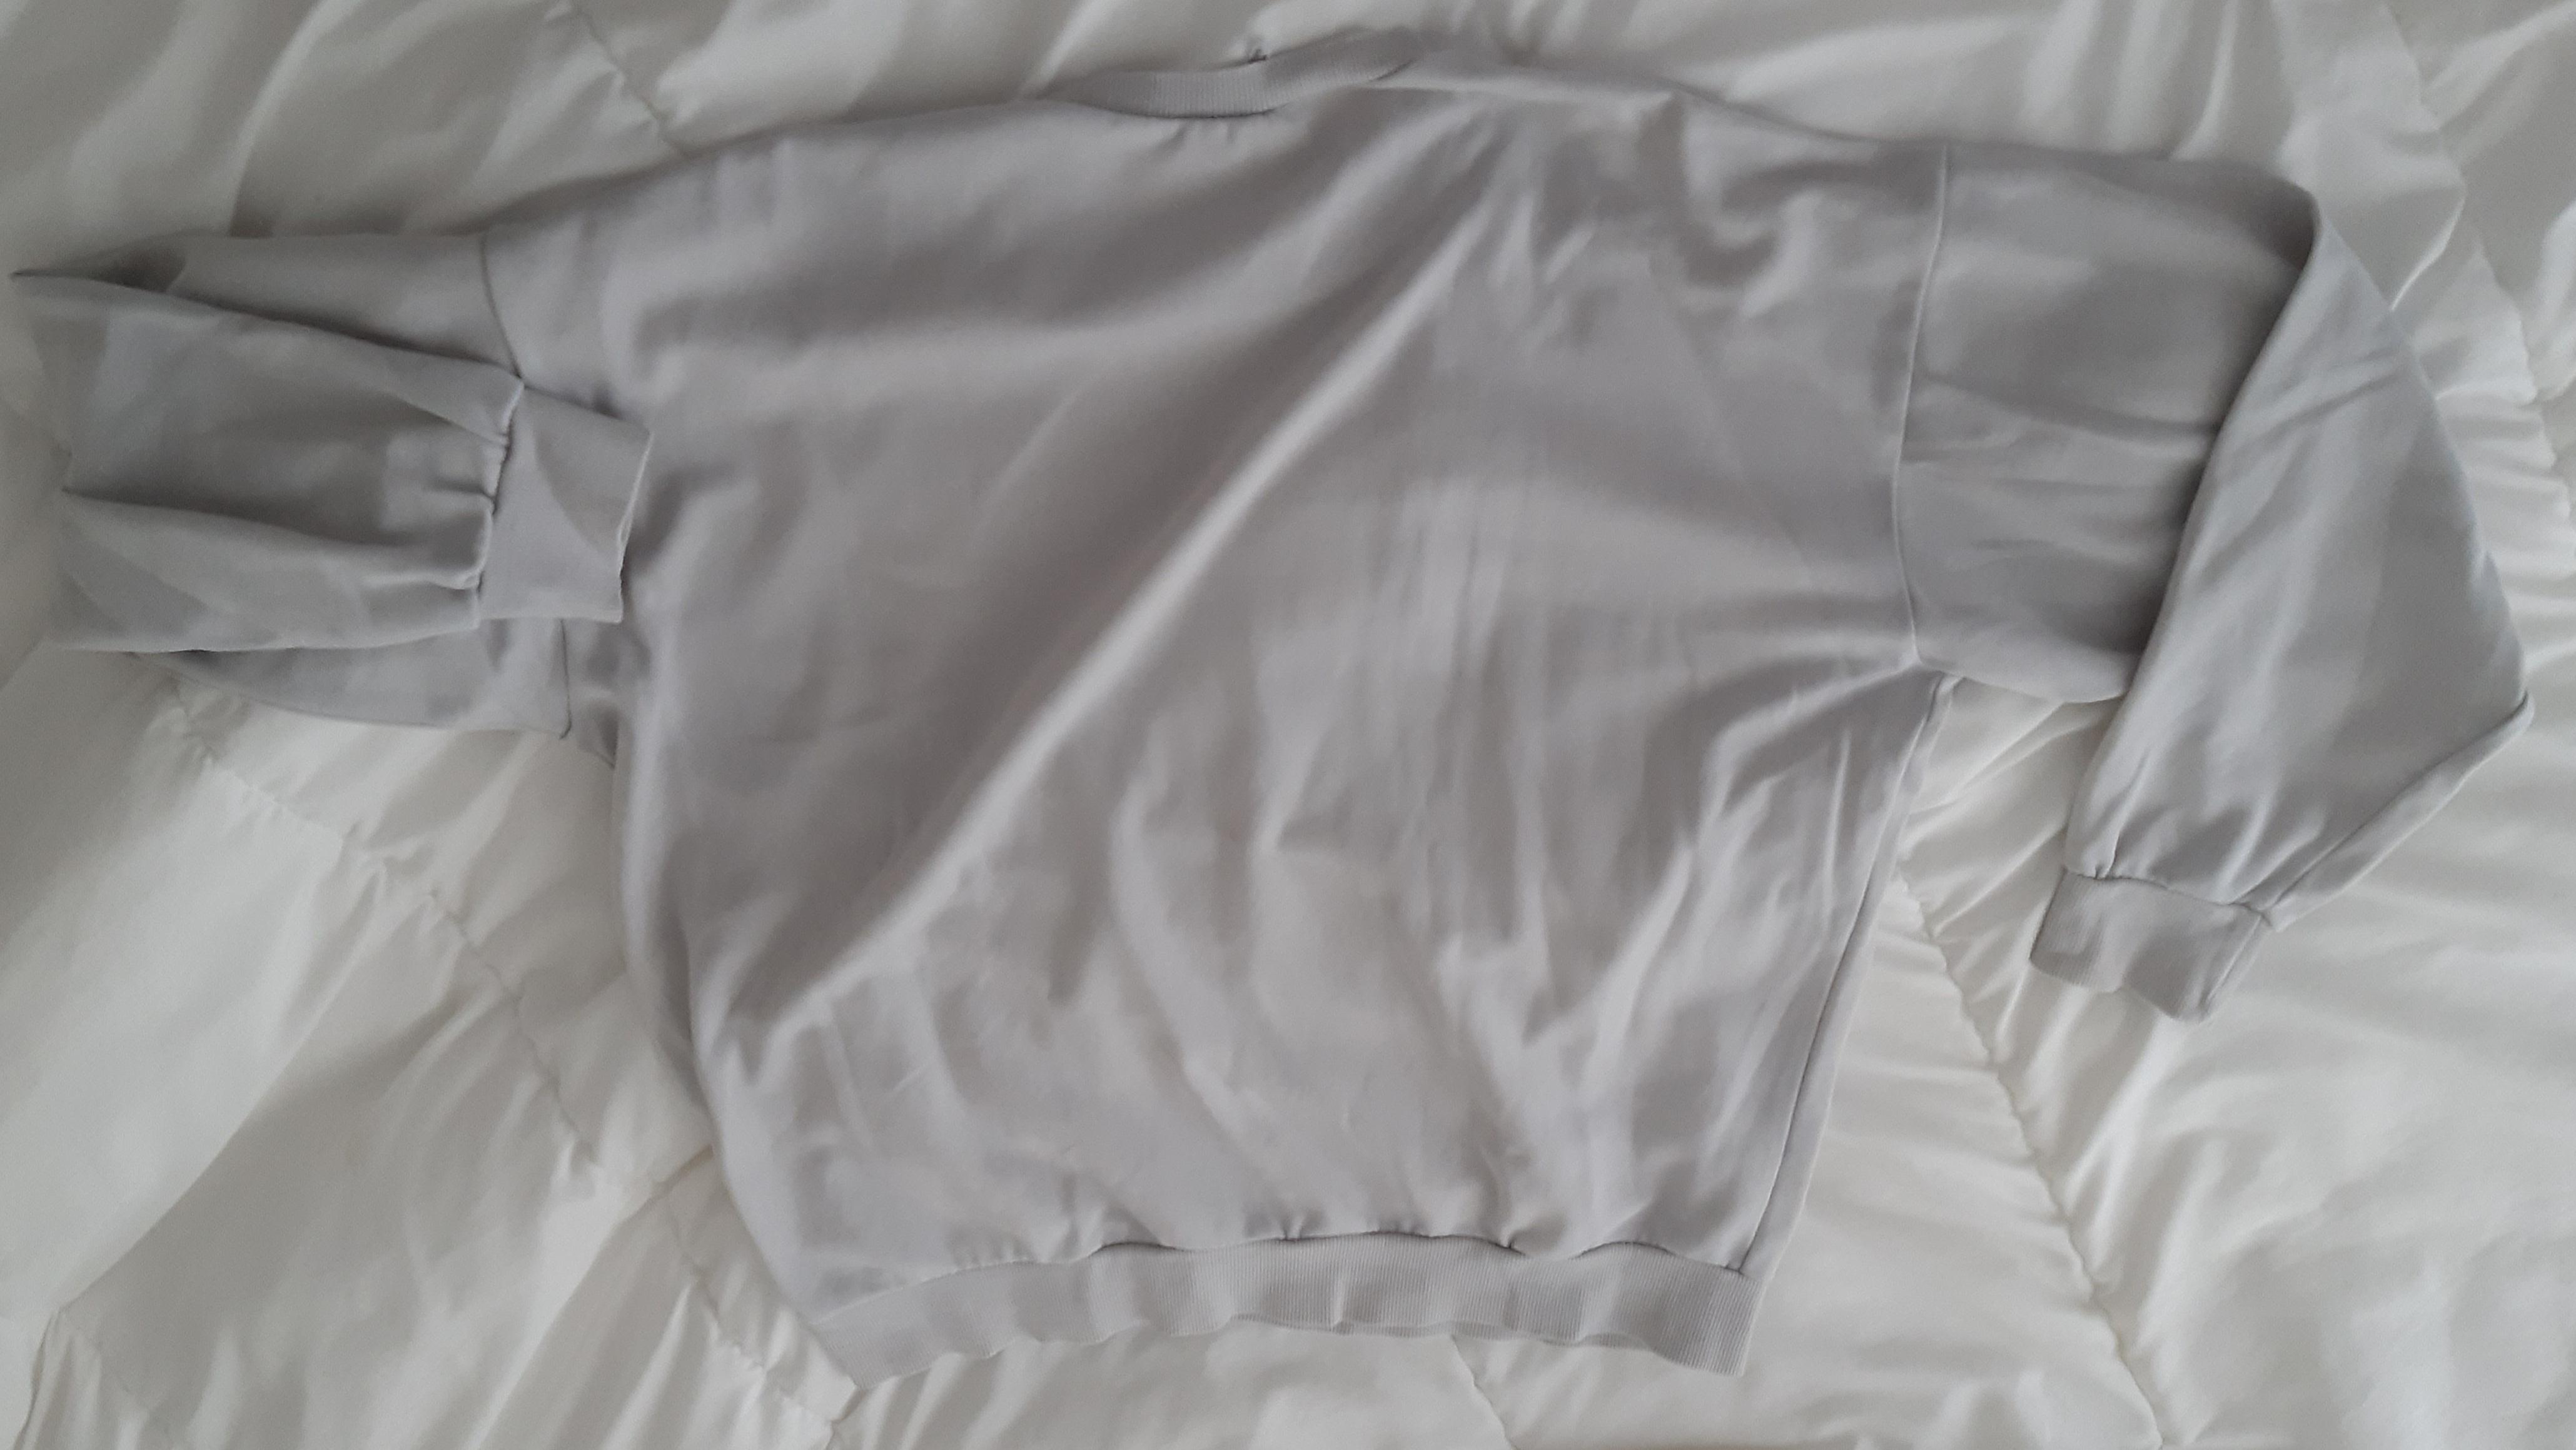 troc de troc haut manche longue coton taille l image 1